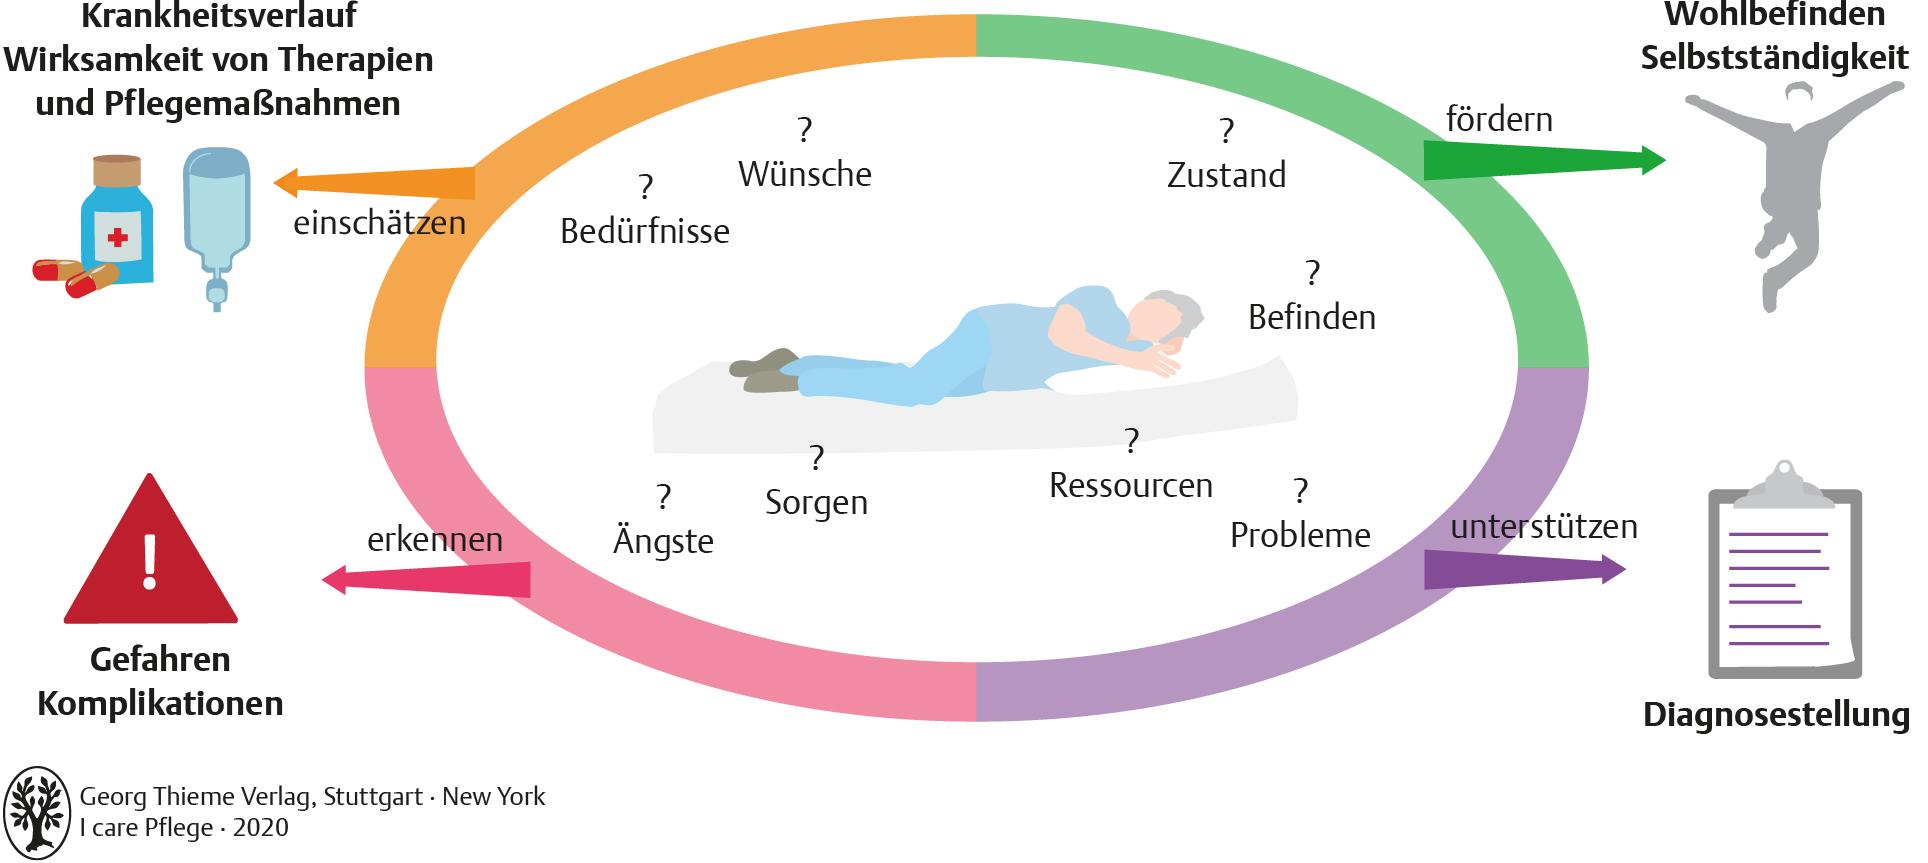 20. Wahrnehmen und beobachten   Pflegepädagogik   Georg Thieme Verlag